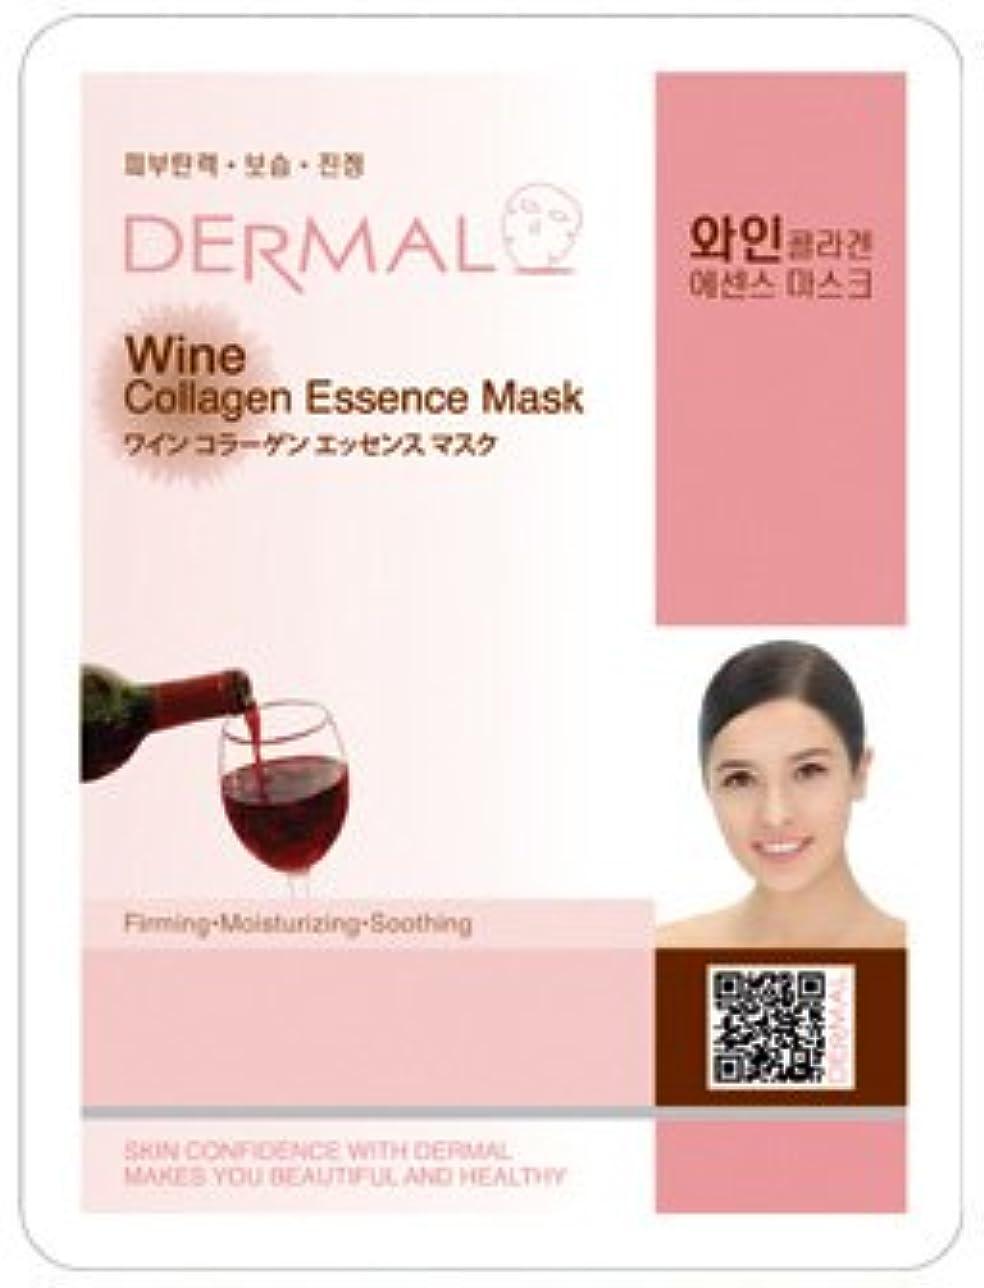 主張偽造シガレットシート マスク ワイン ダーマル Dermal 23g (10枚セット) フェイス パック